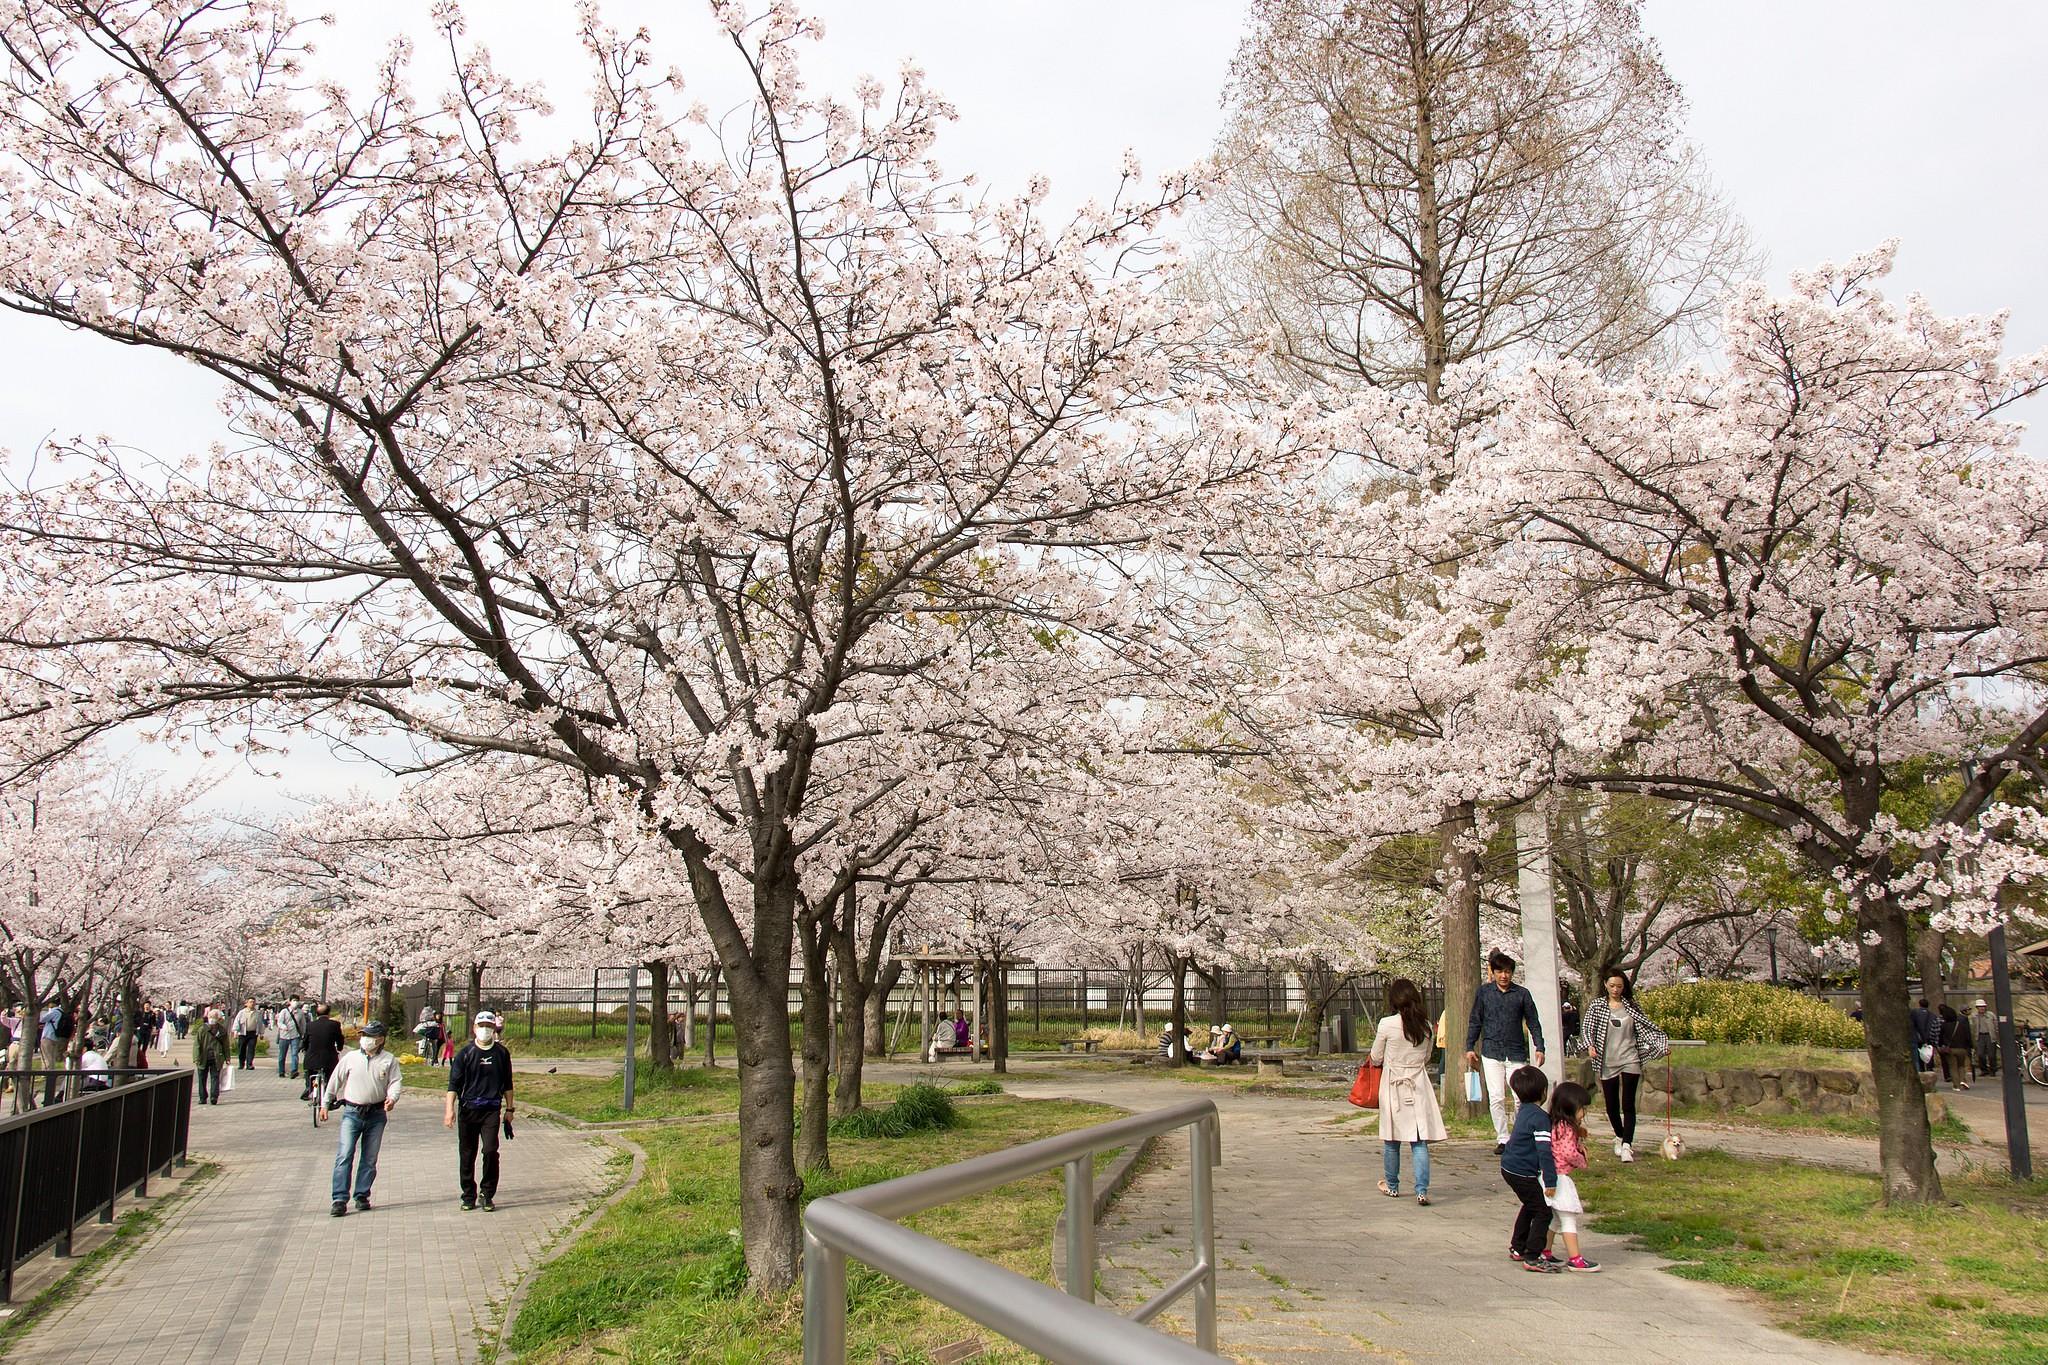 Kema Sakuranomiya Park - Osaka - Arrivalguides.com